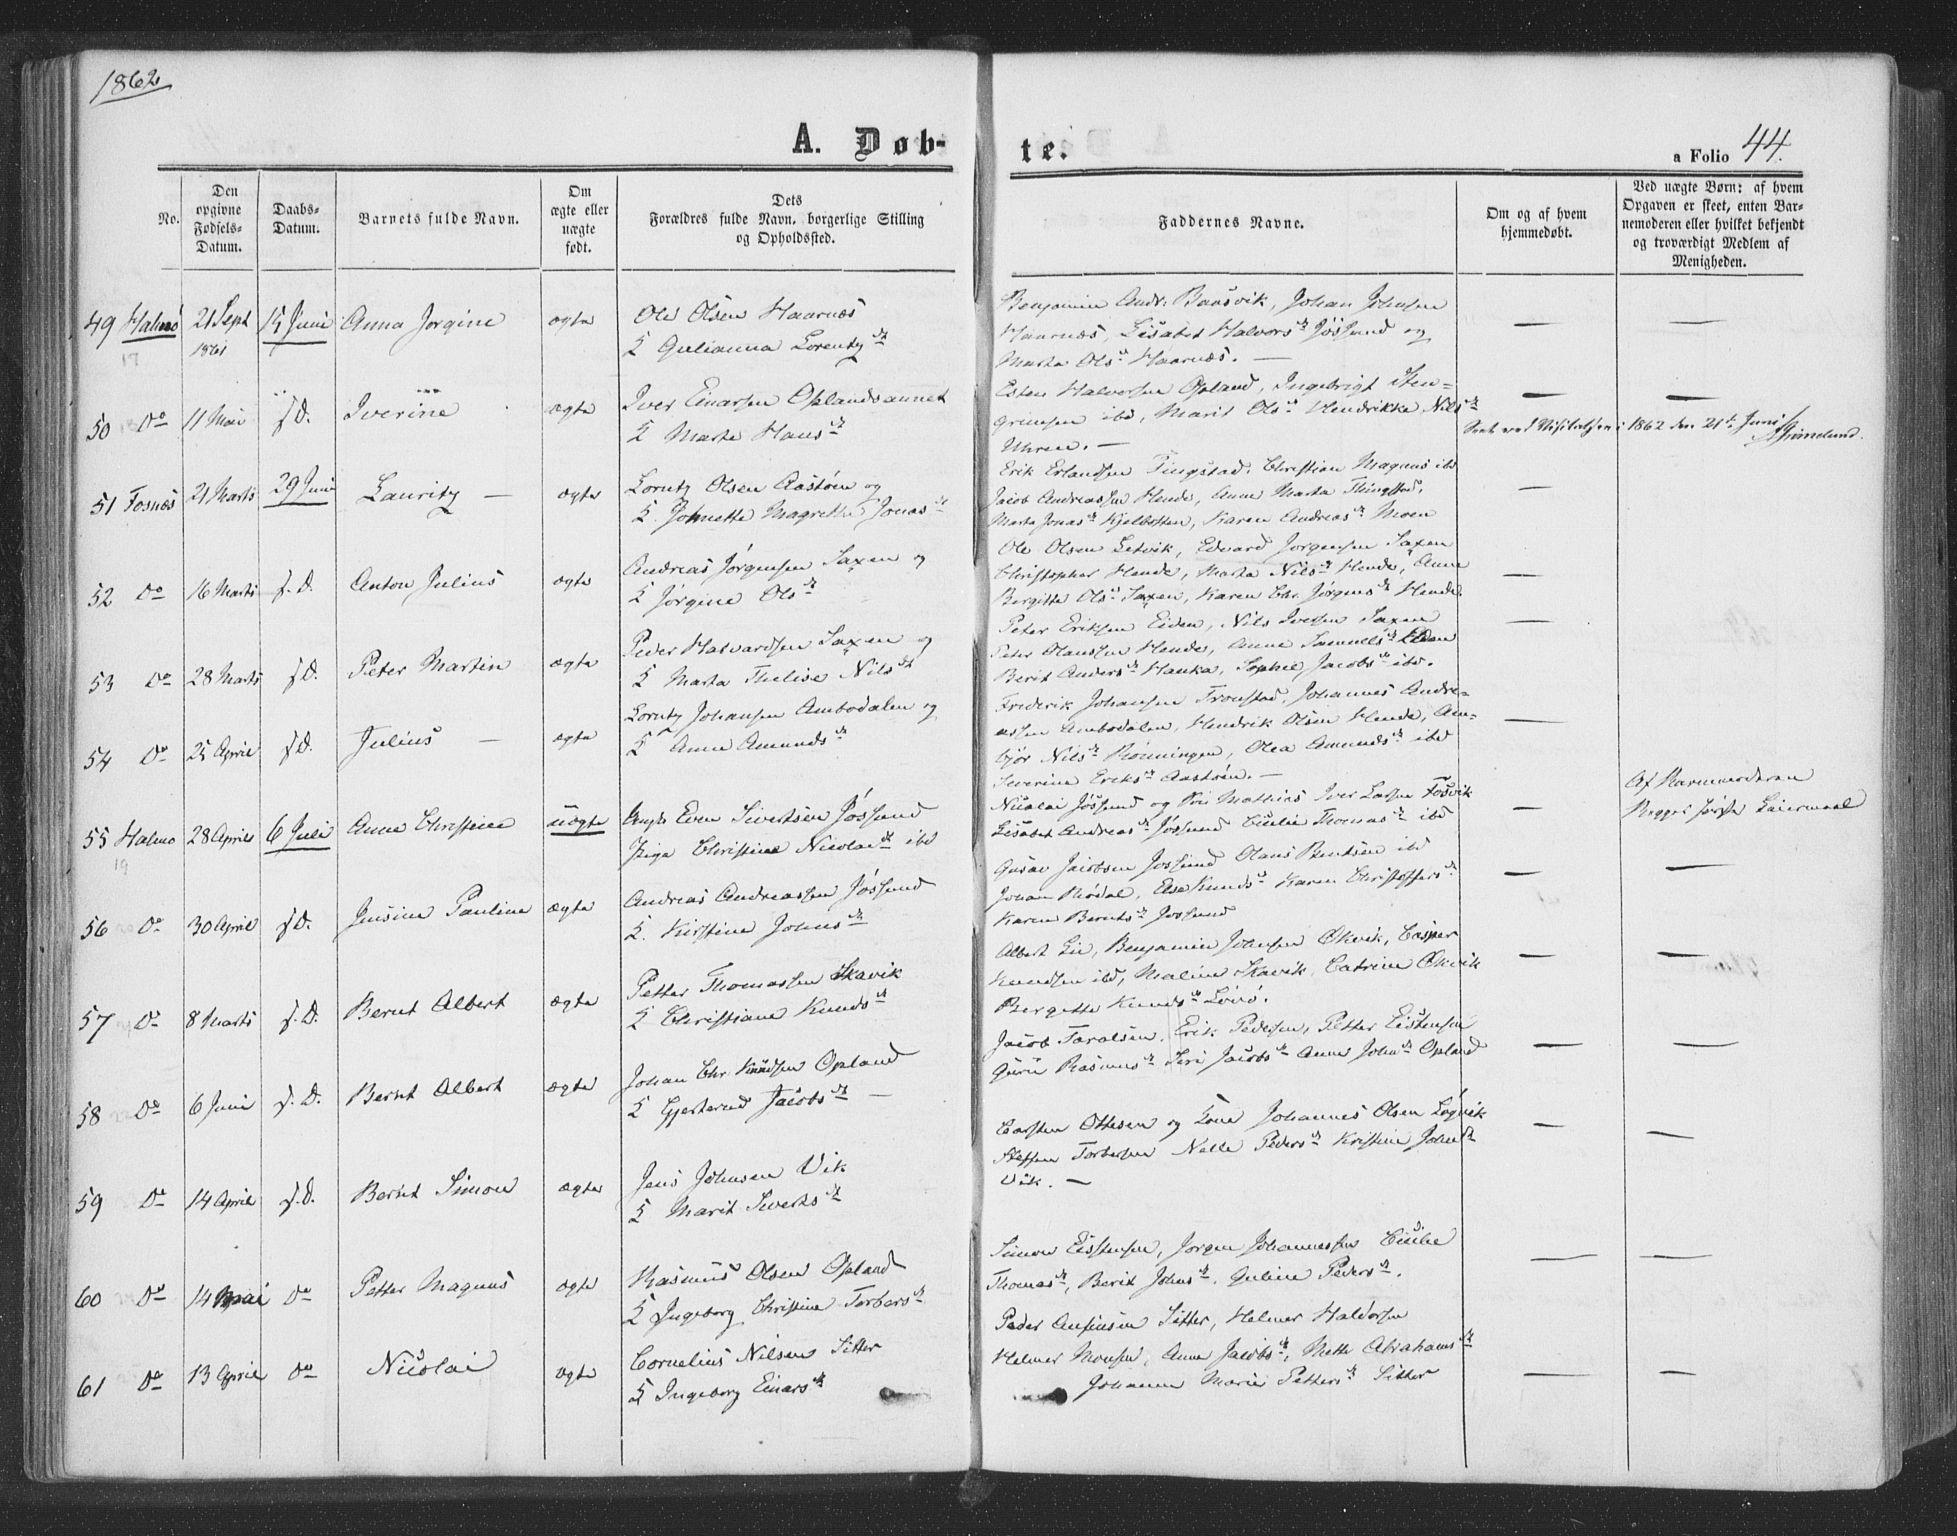 SAT, Ministerialprotokoller, klokkerbøker og fødselsregistre - Nord-Trøndelag, 773/L0615: Ministerialbok nr. 773A06, 1857-1870, s. 44